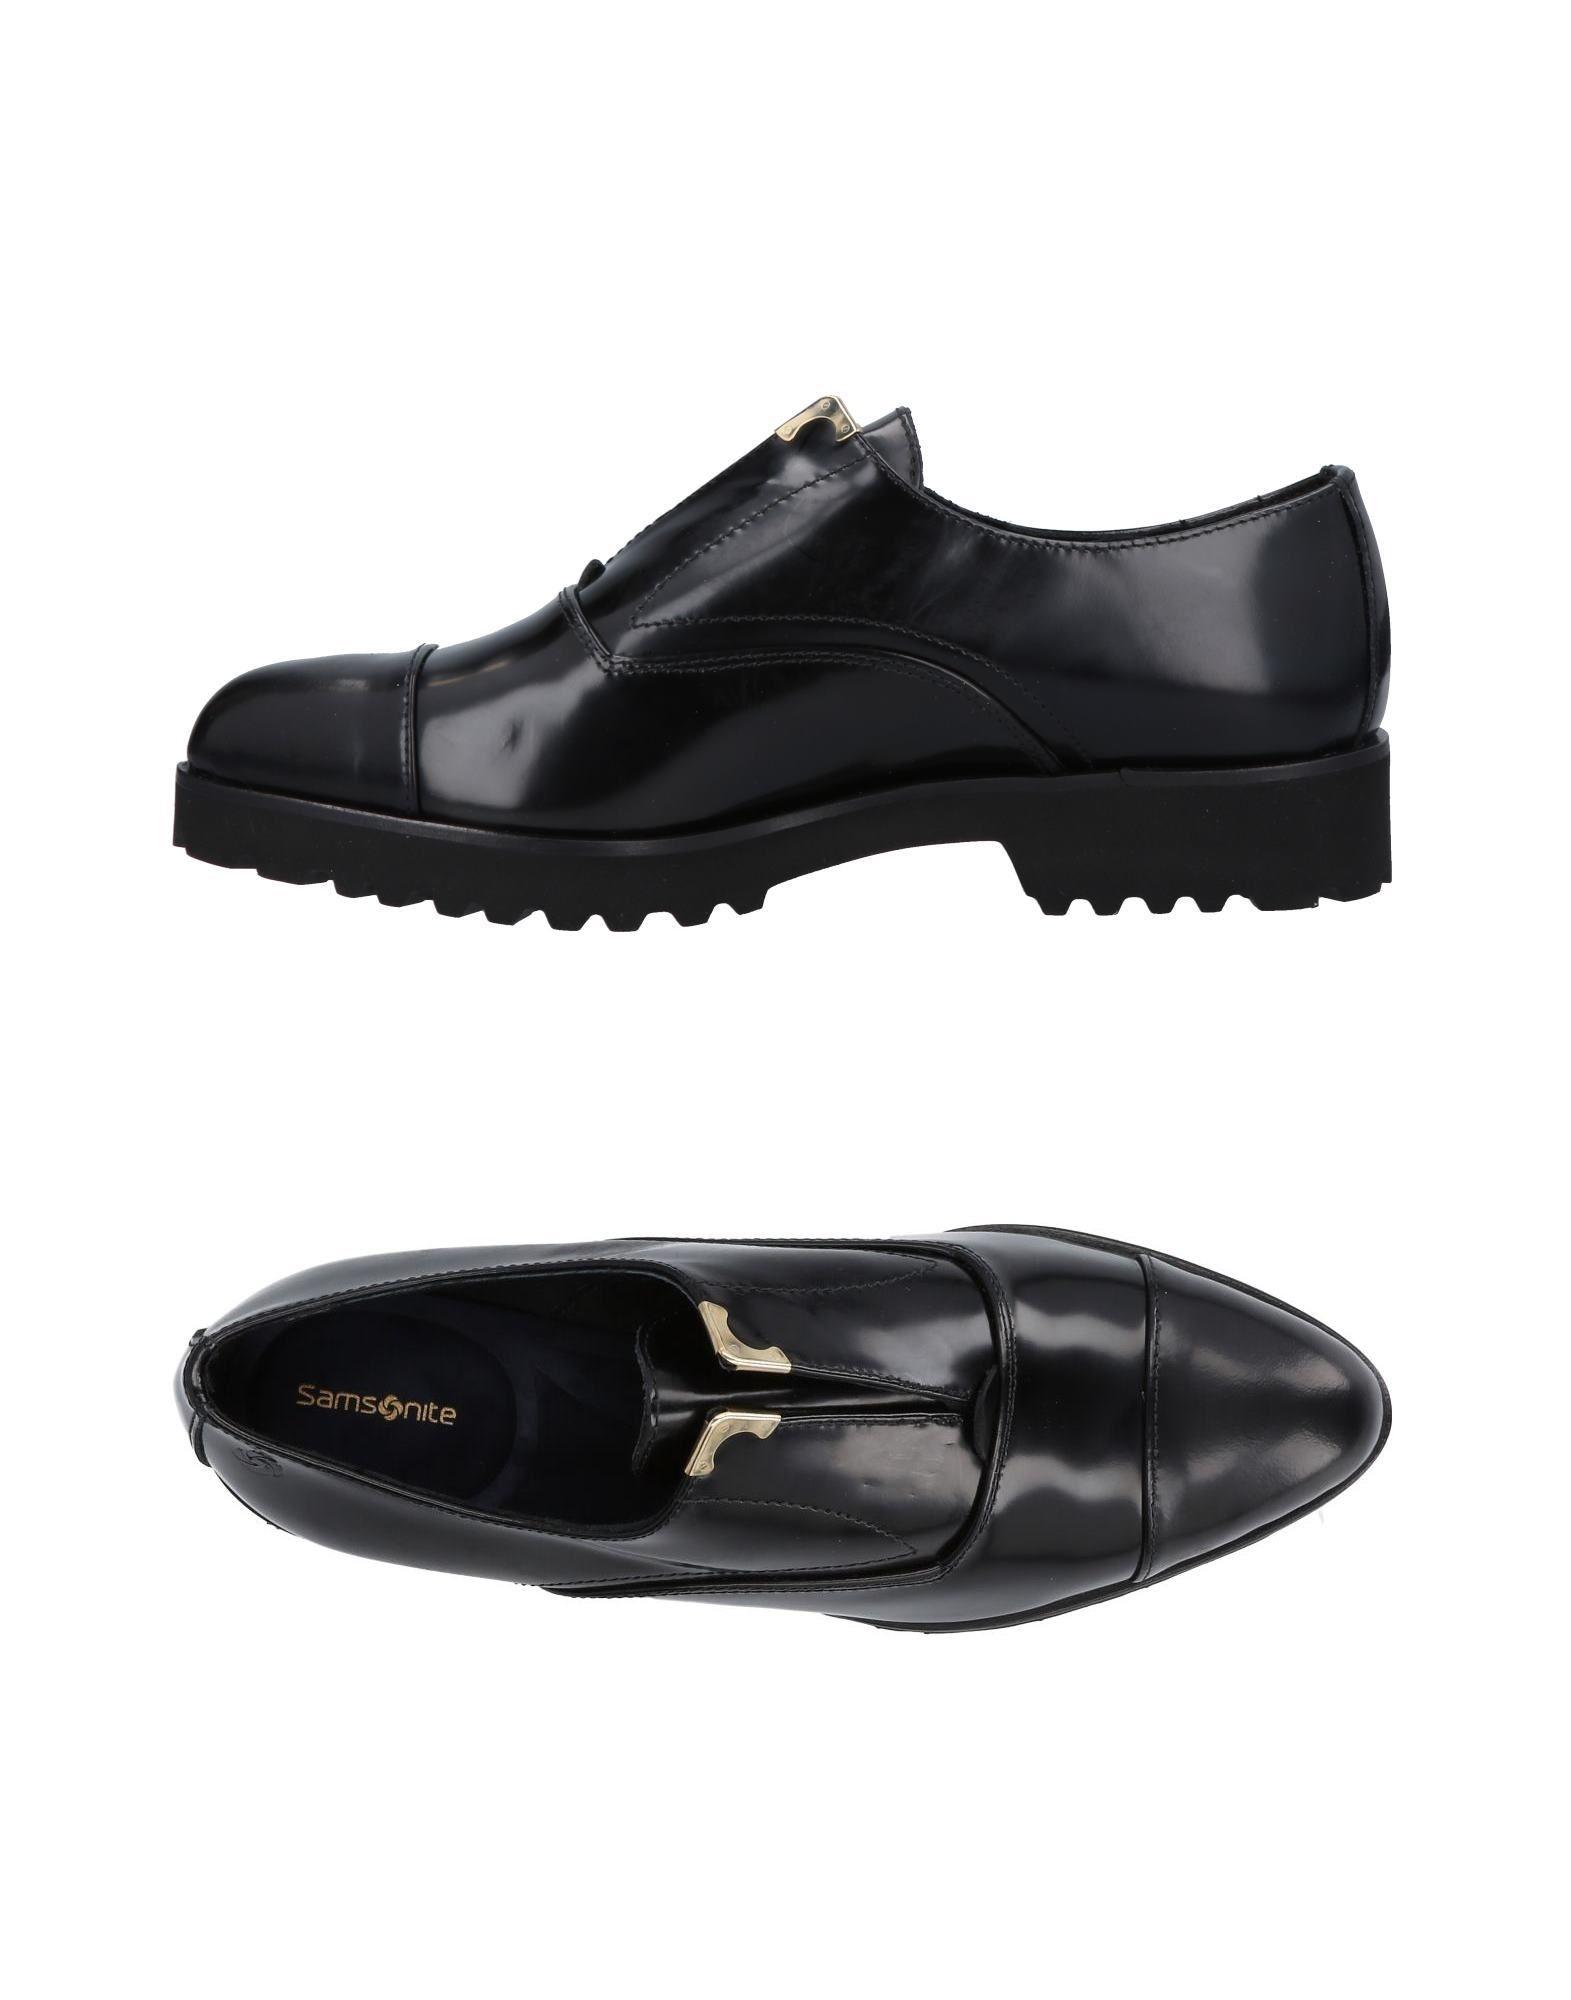 SAMSONITE Loafers in Black